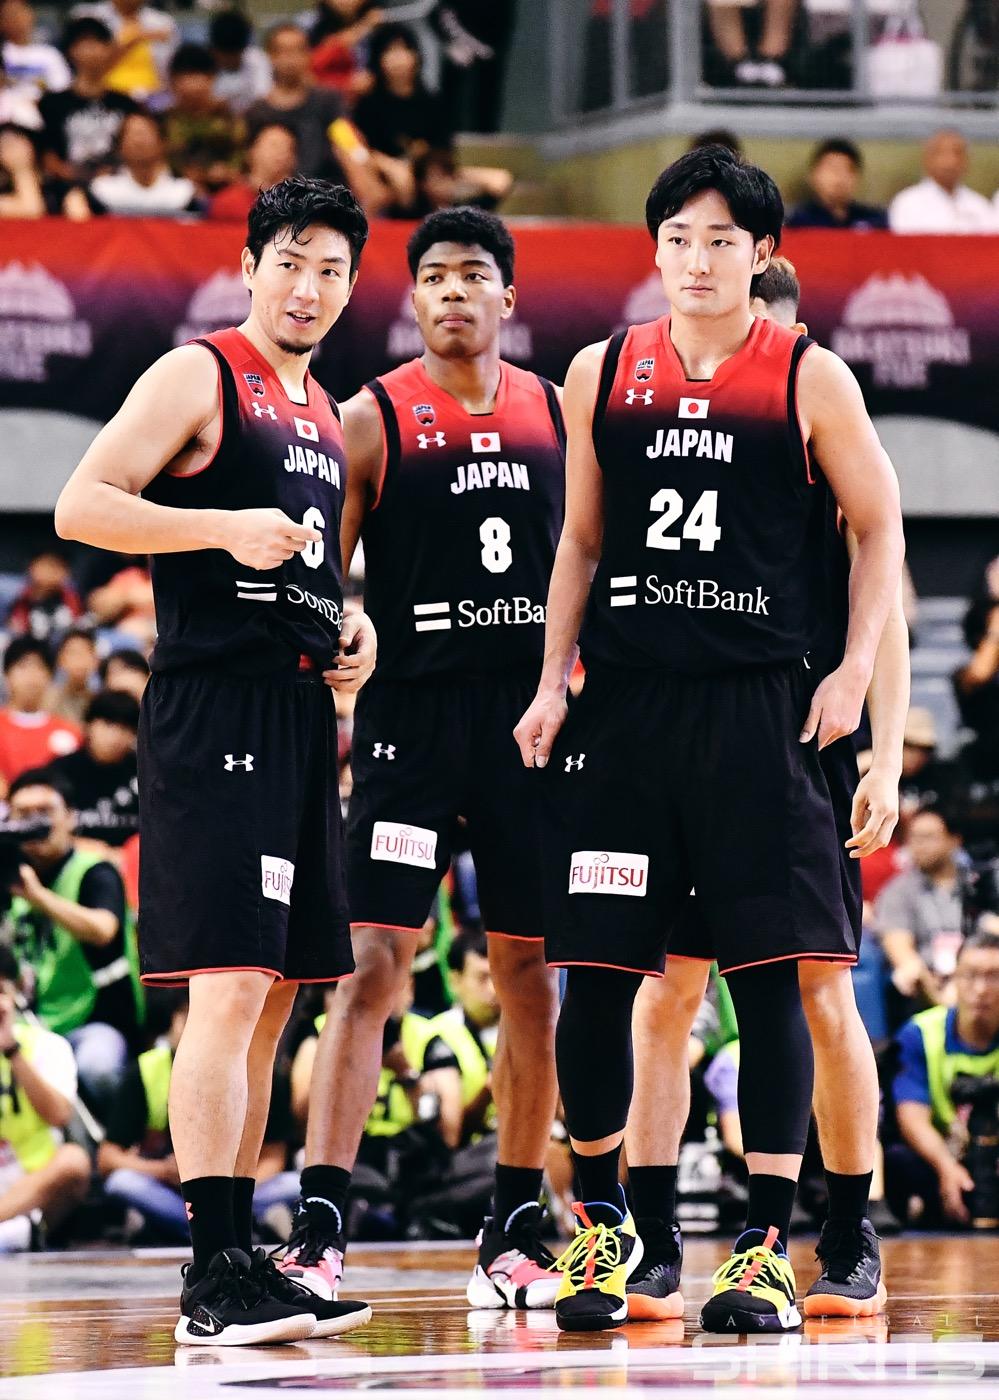 代表 バスケ 日本 バスケ男子 東京五輪日本代表候補20人を発表